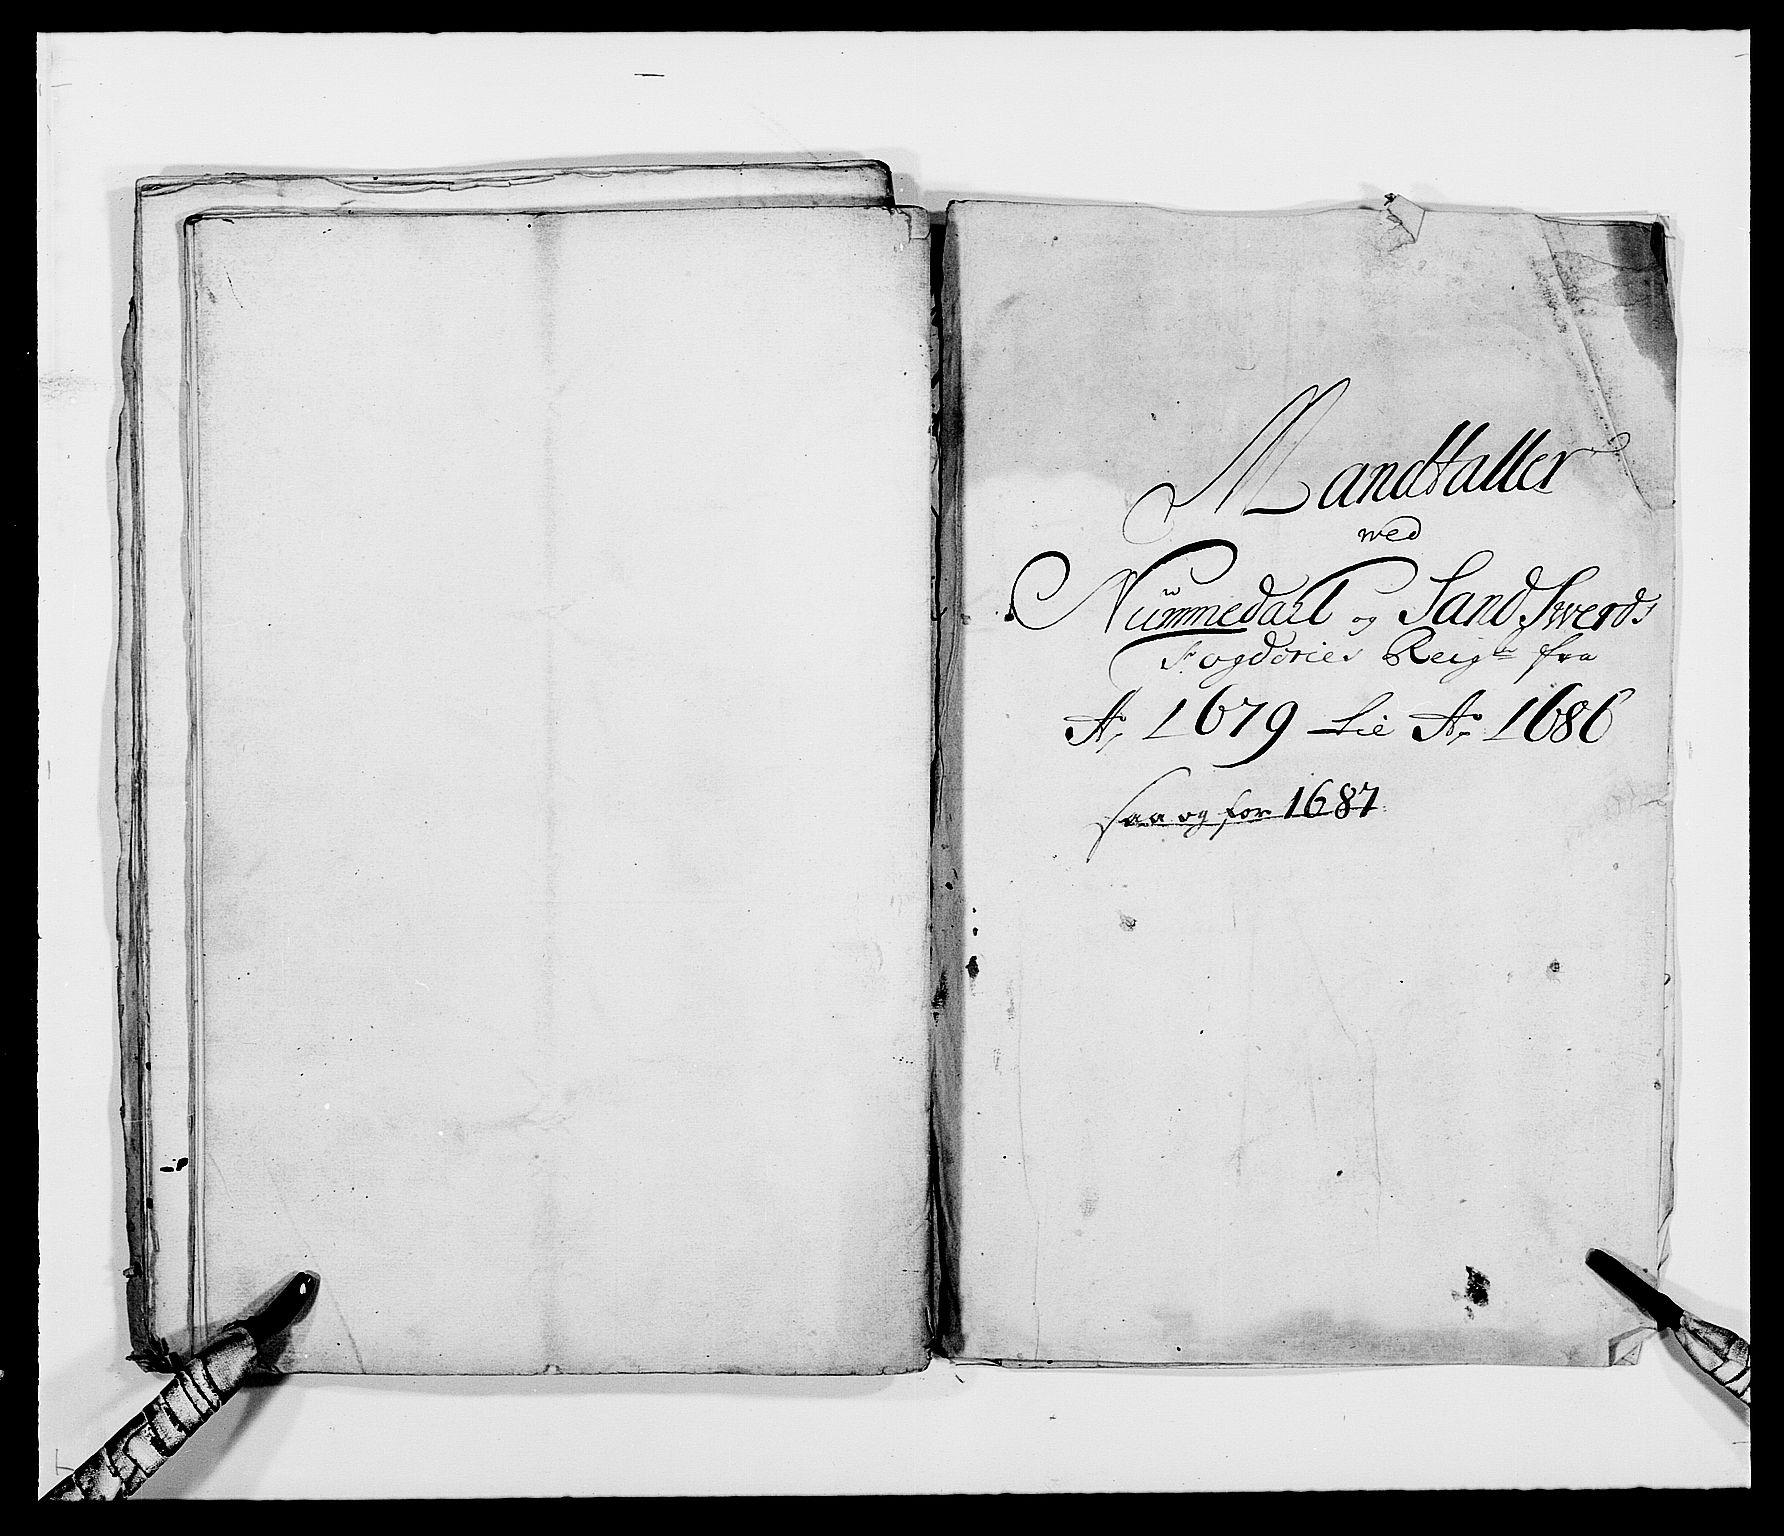 RA, Rentekammeret inntil 1814, Reviderte regnskaper, Fogderegnskap, R24/L1569: Fogderegnskap Numedal og Sandsvær, 1679-1686, s. 92